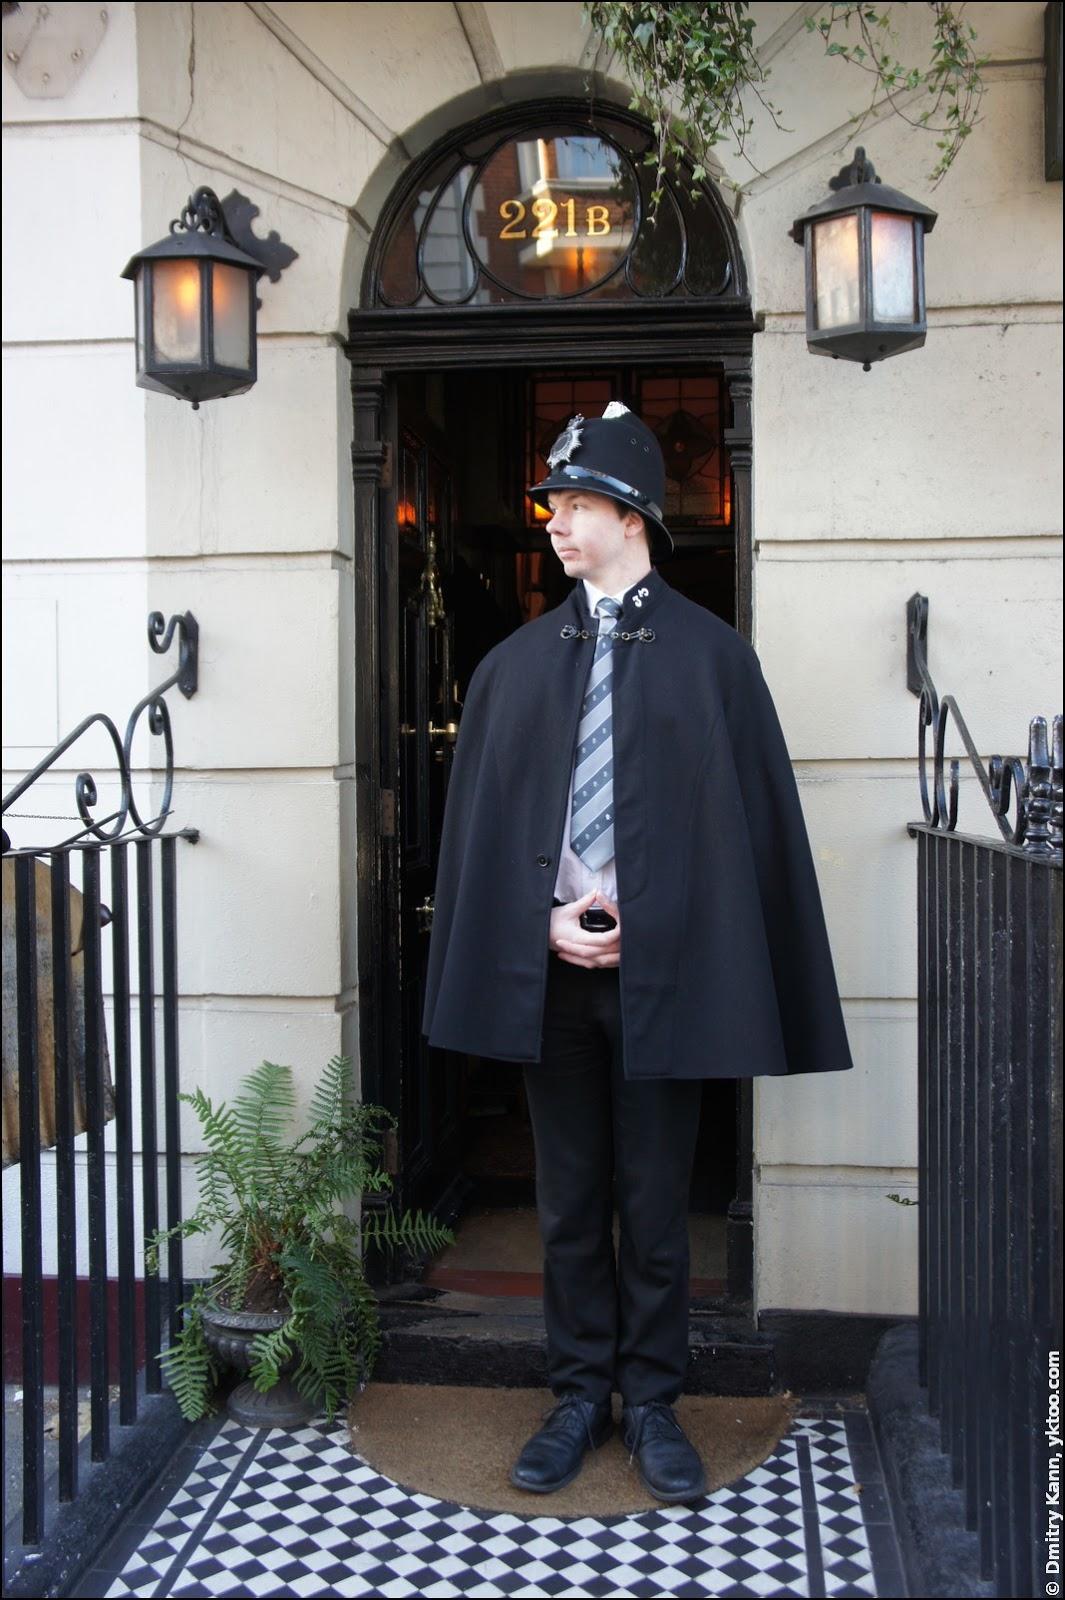 Дом на Бейкер-стрит 221B.